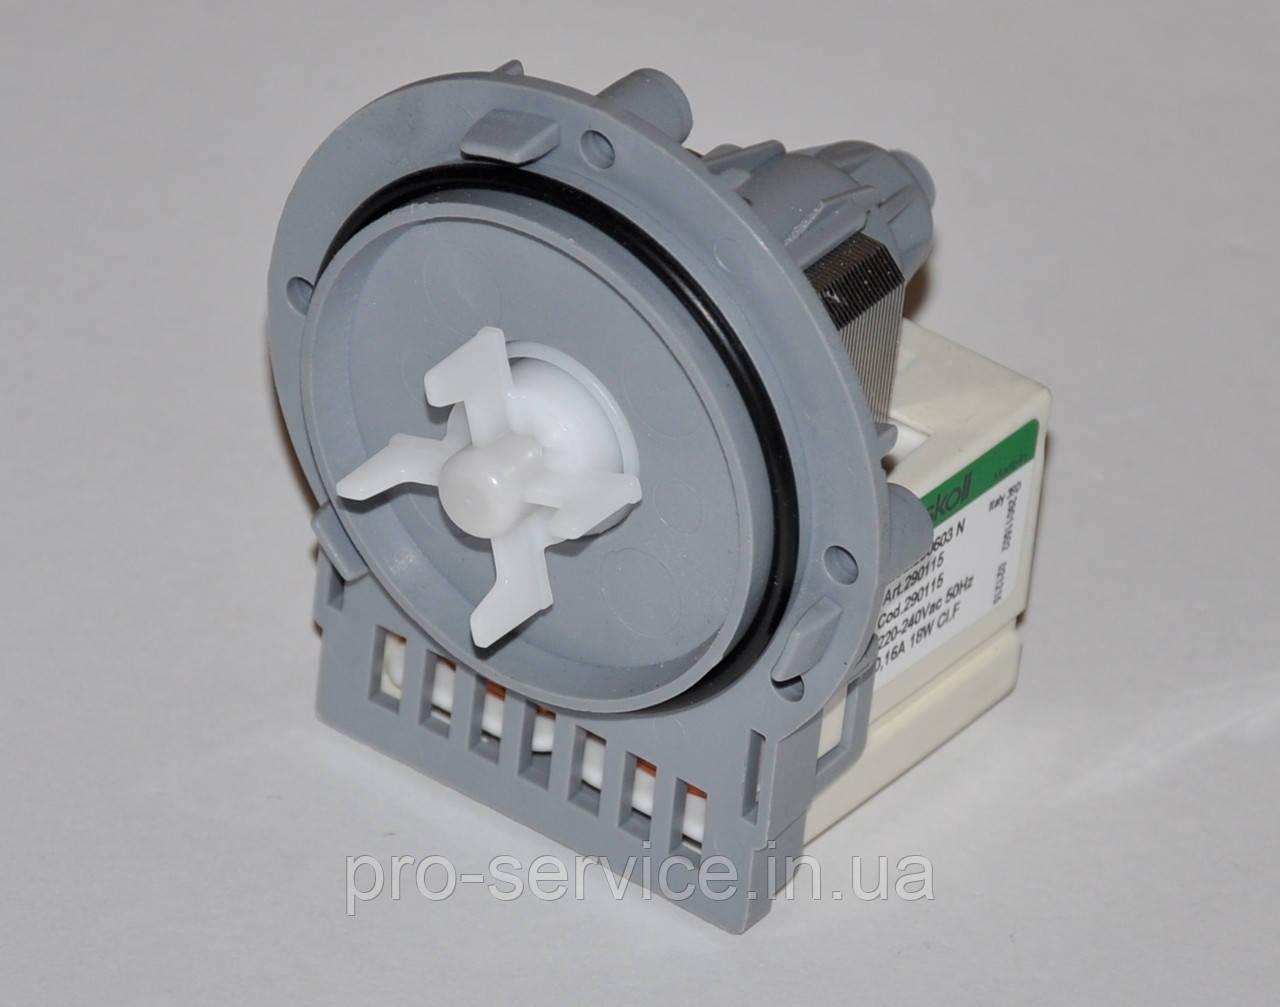 Насос 50244916008 Askoll 290603 для стиральных машин Electrolux, Zanussi